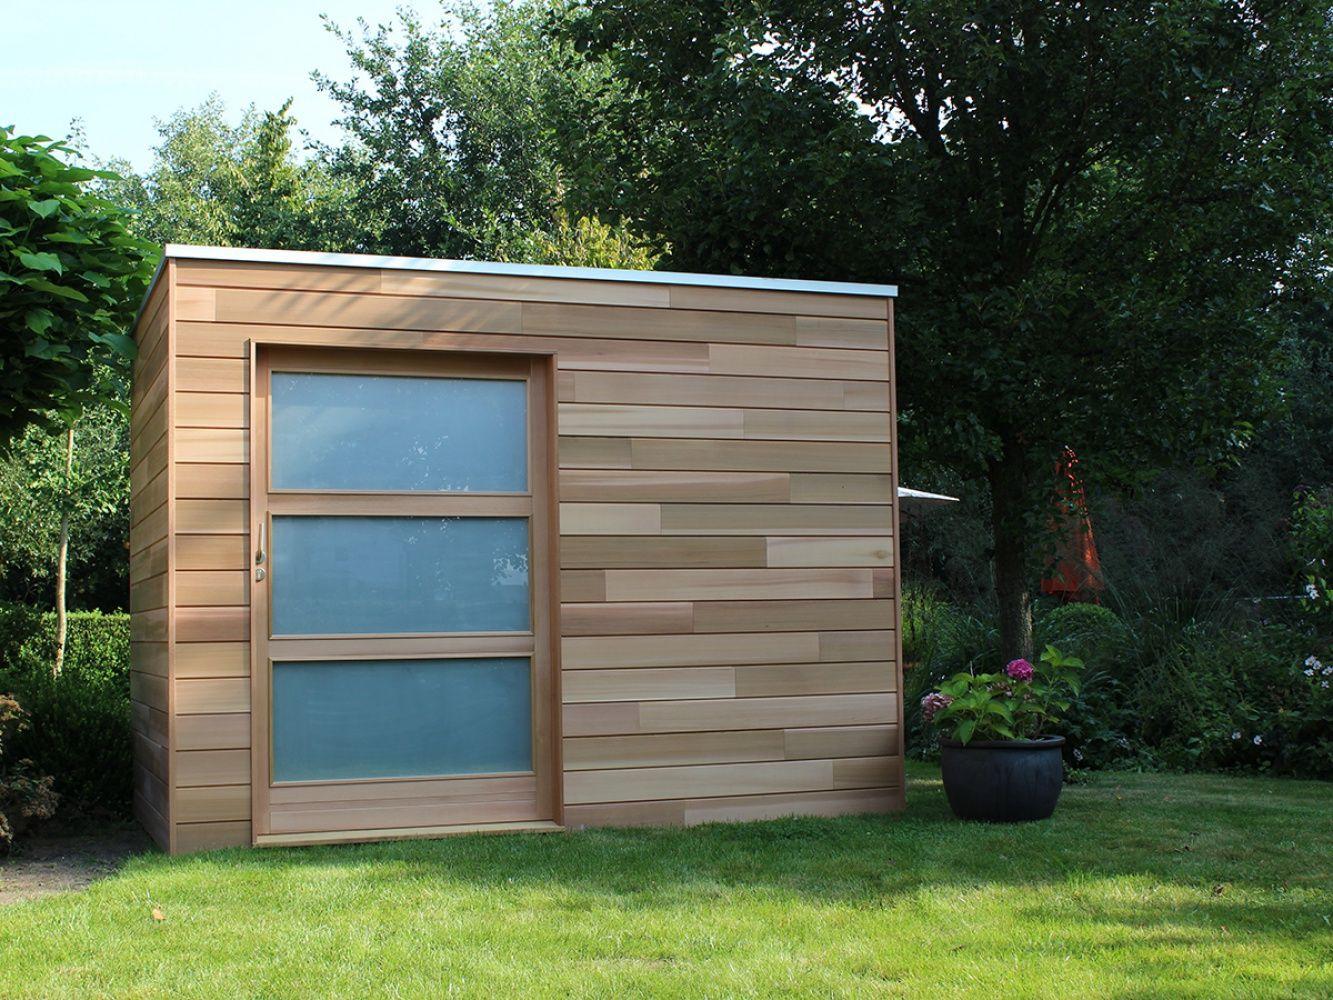 Cubeco Modern Houten Tuinhuis | Abri De Jardin, Jardin ... dedans Abri De Jardin Contemporain